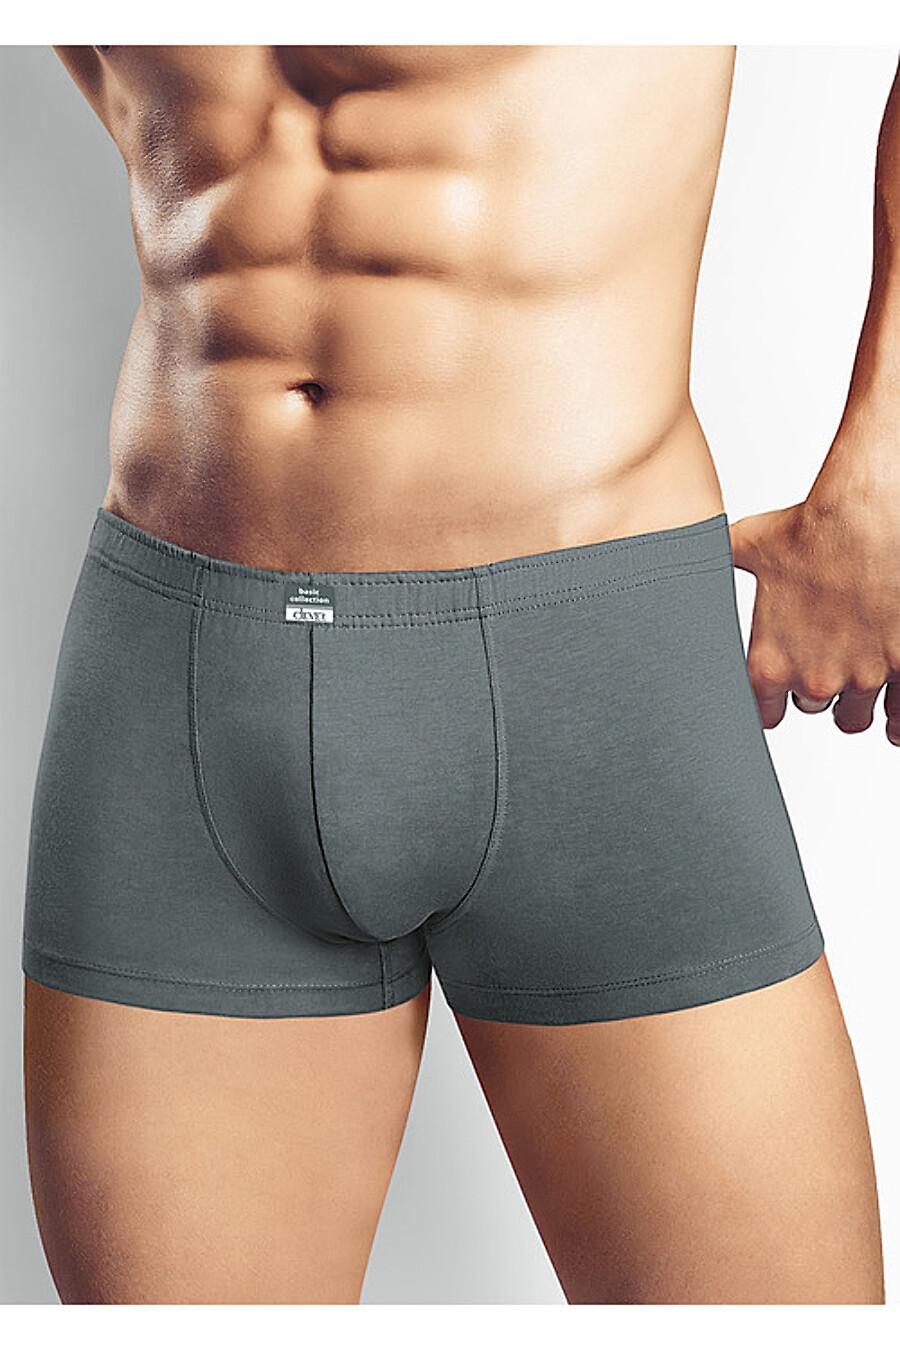 Трусы для мужчин CLEVER 151801 купить оптом от производителя. Совместная покупка мужской одежды в OptMoyo